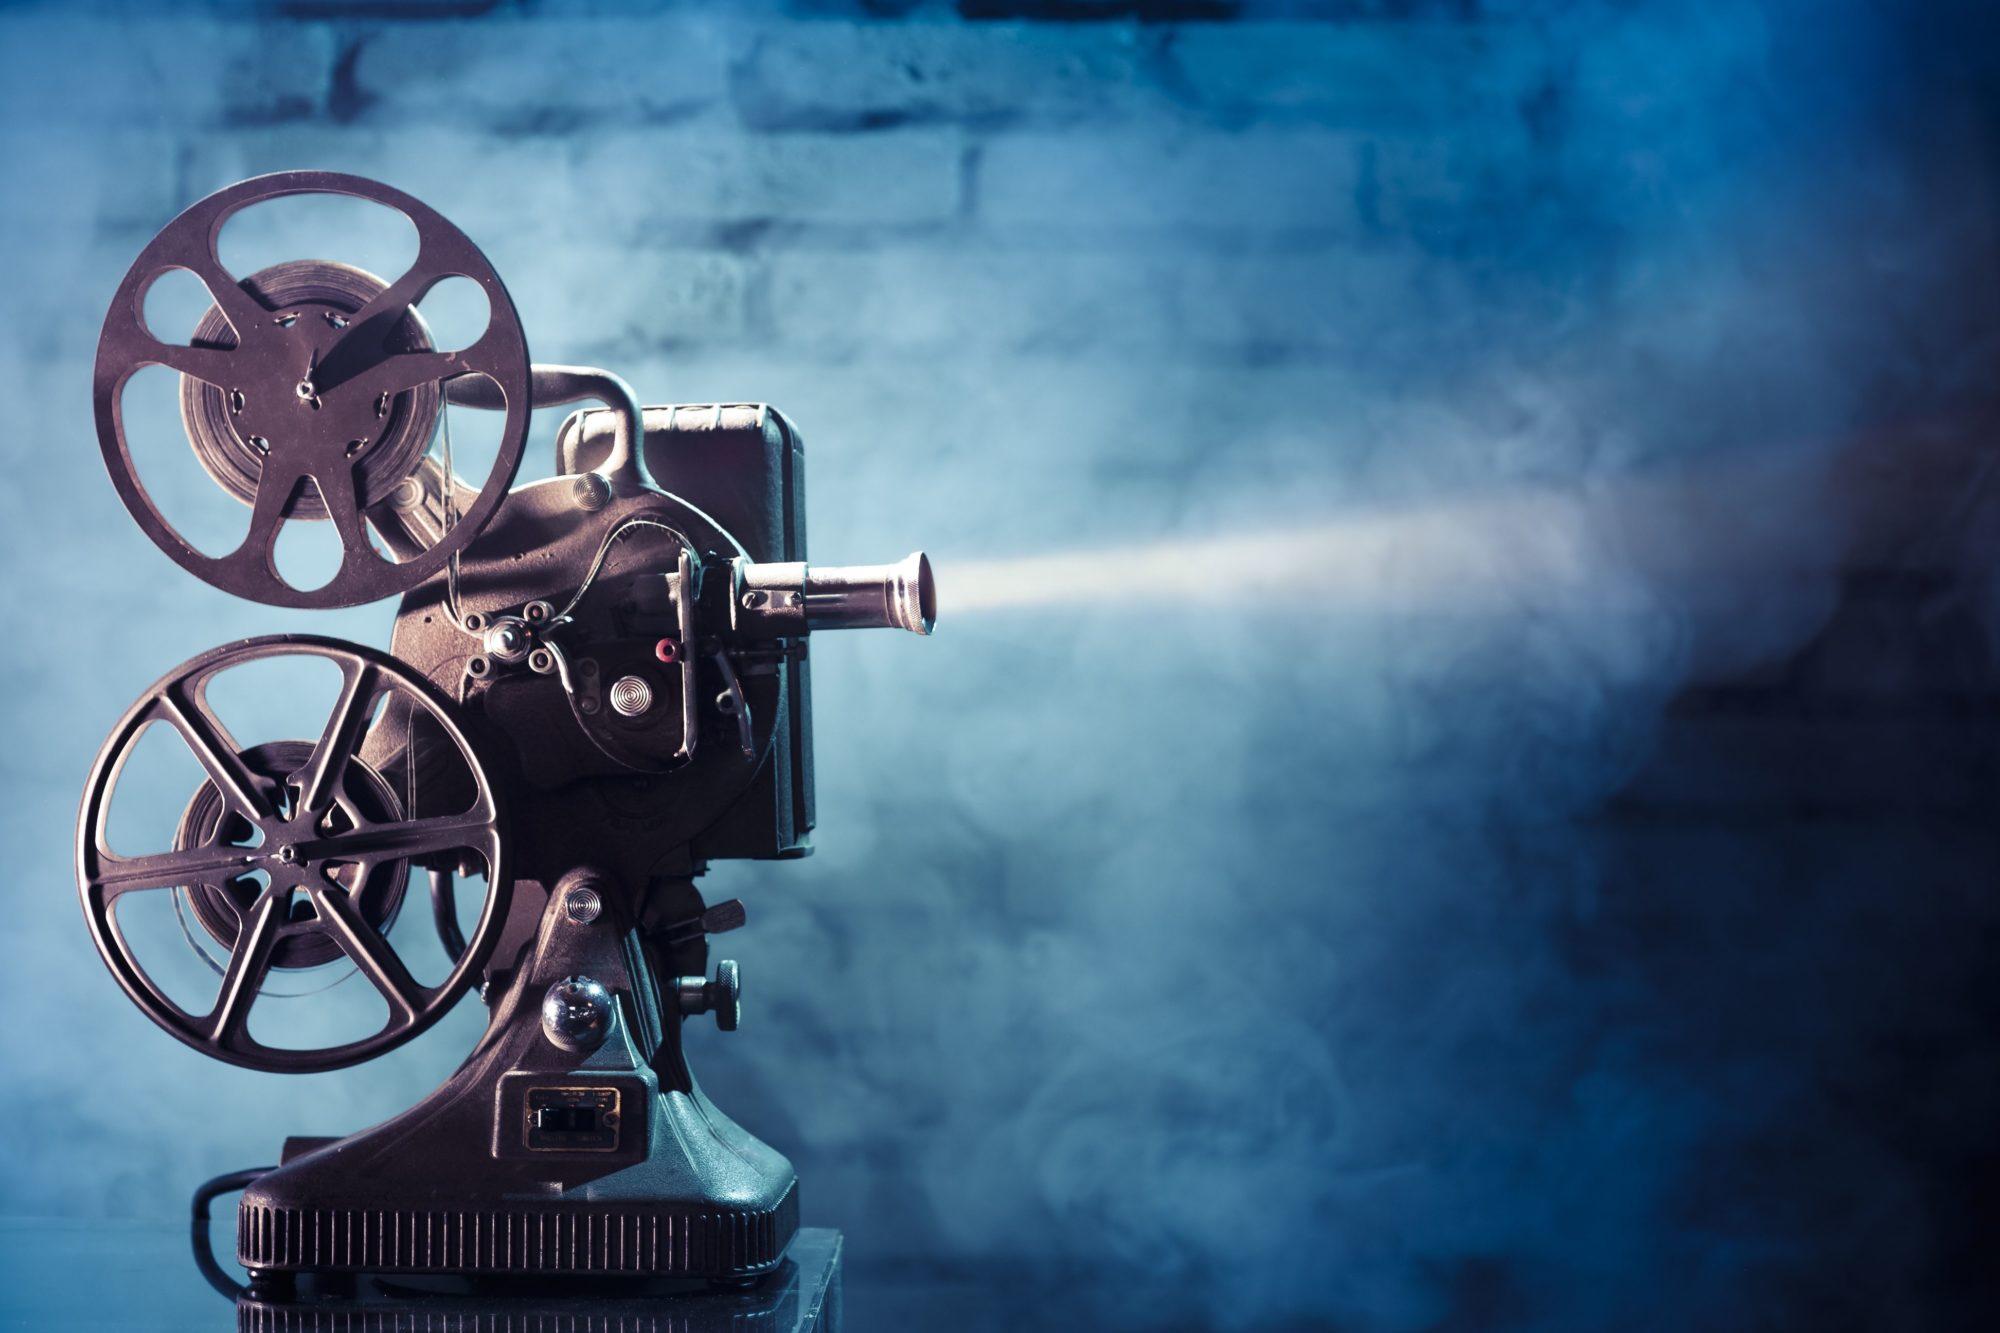 24 ocak vizyona girecek filmler